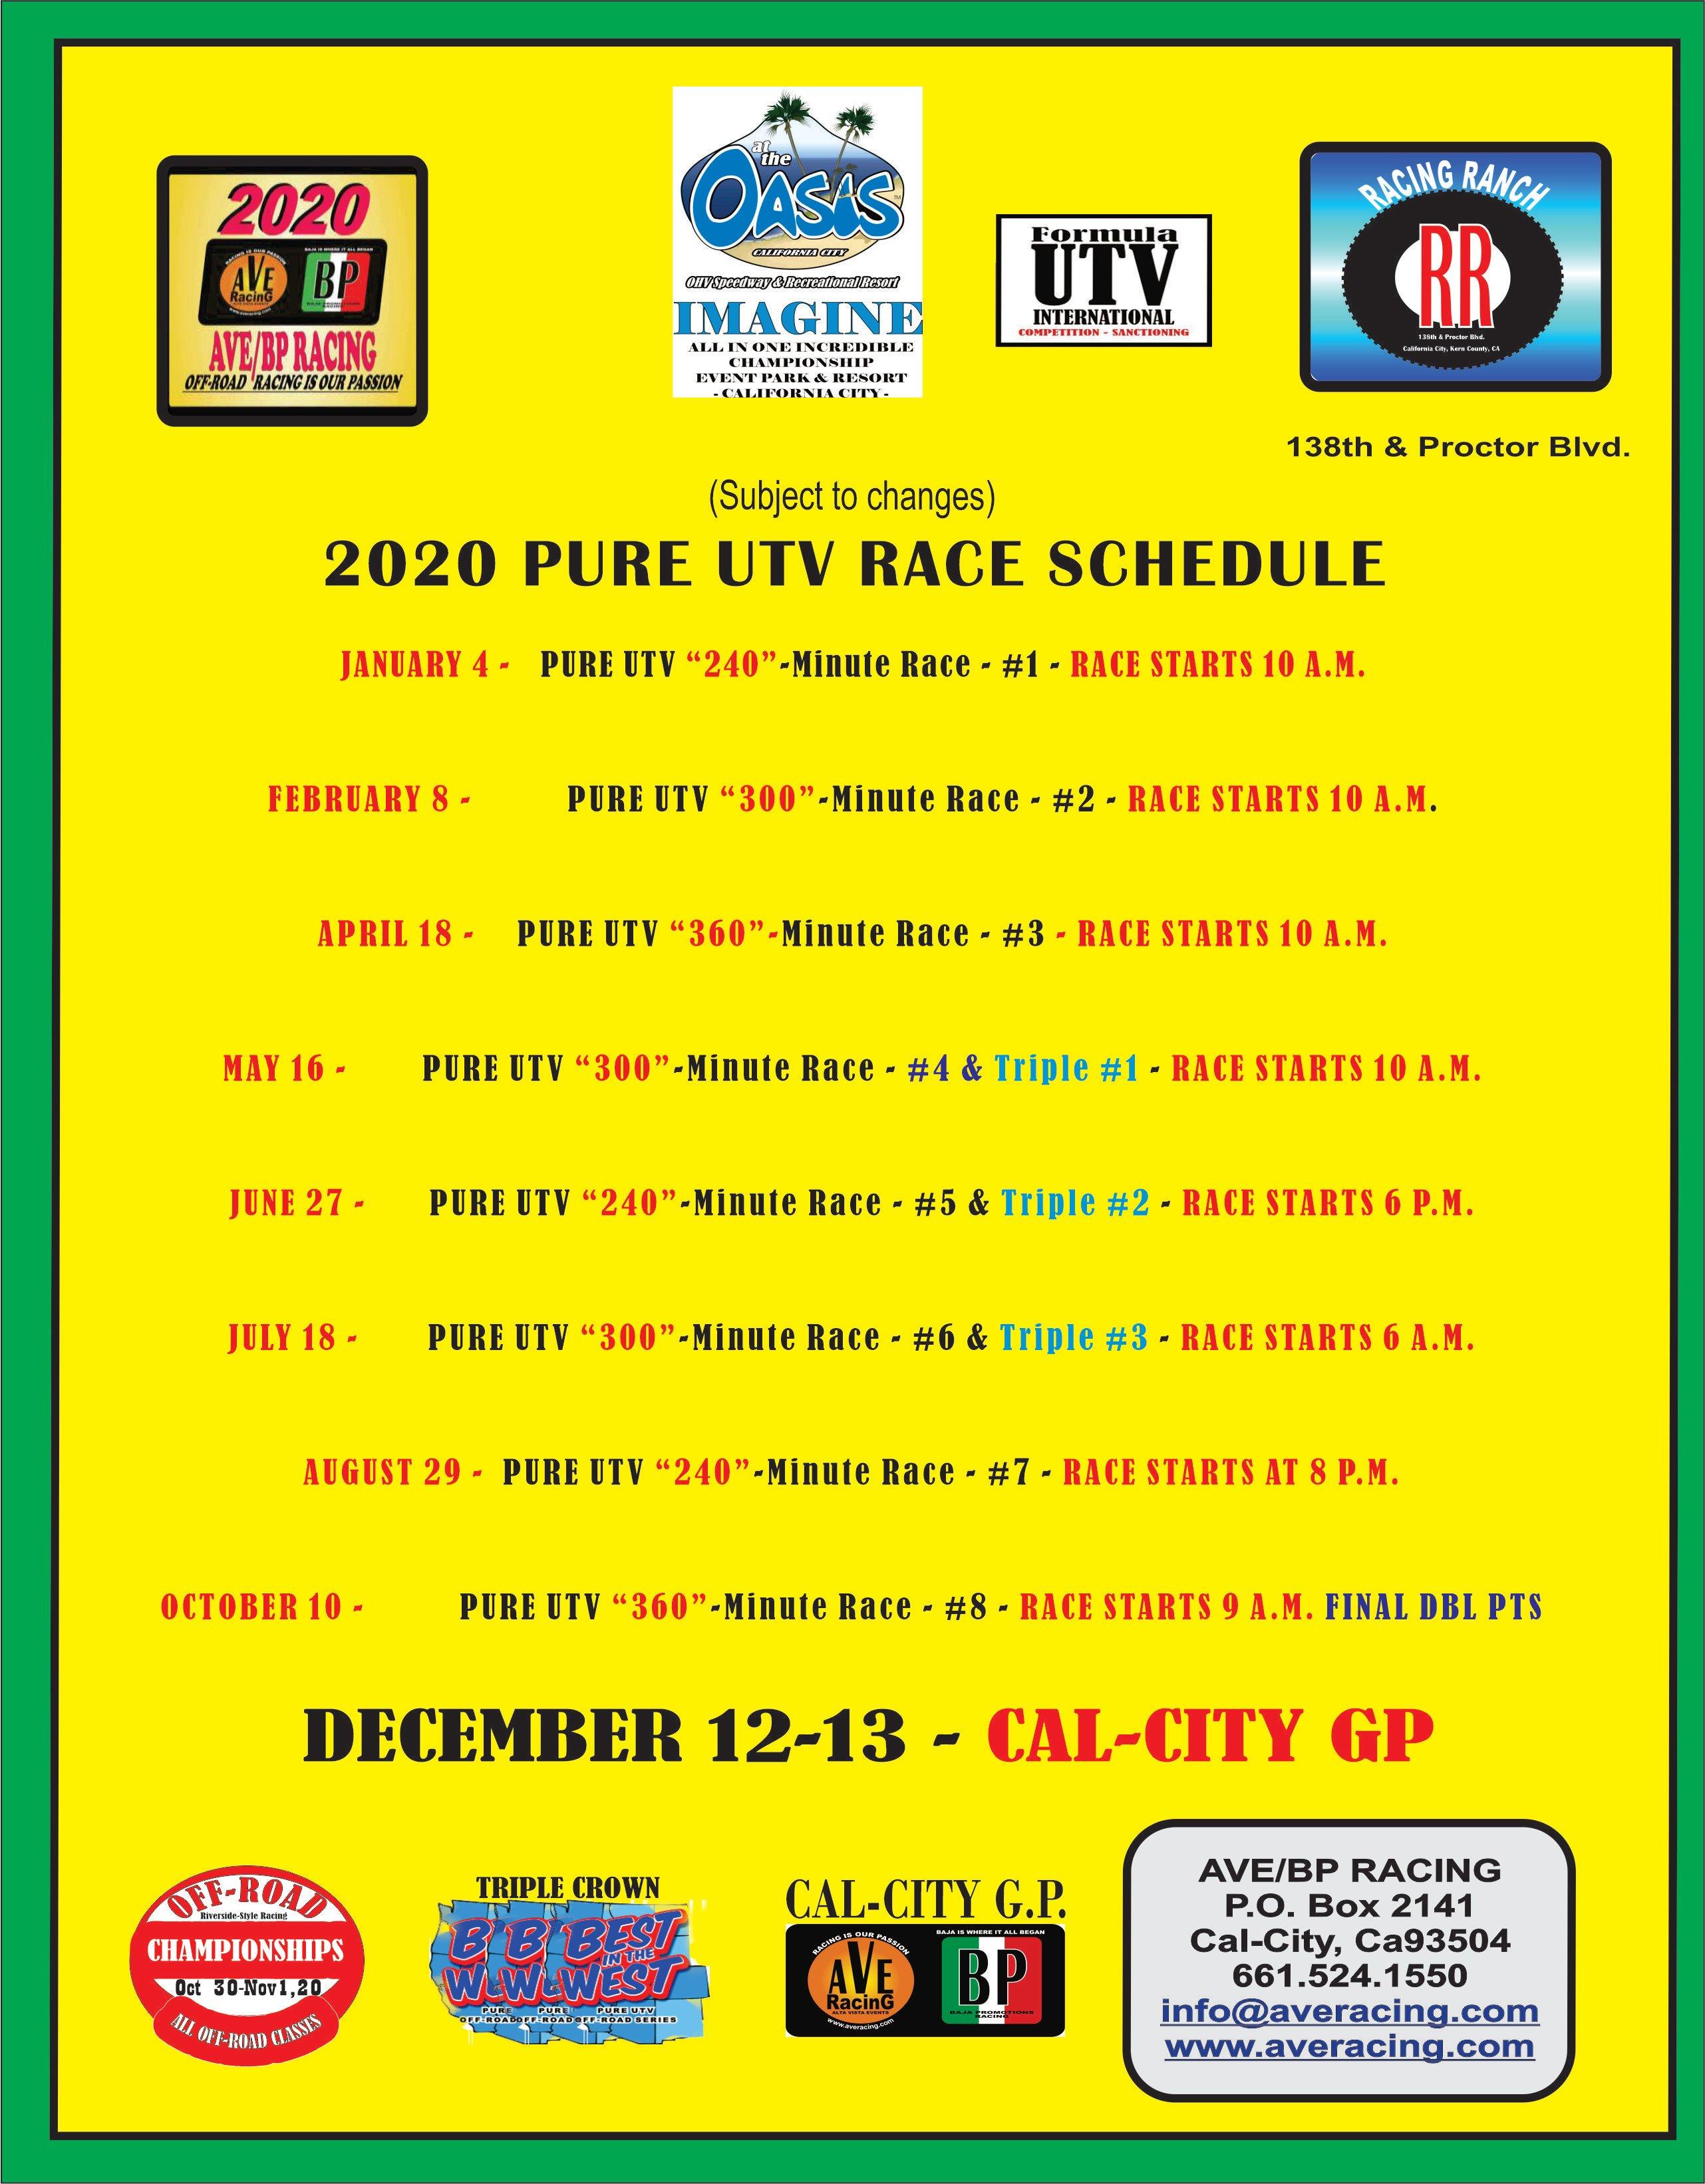 2020-updated-RaceSchedule-Oct28.jpg